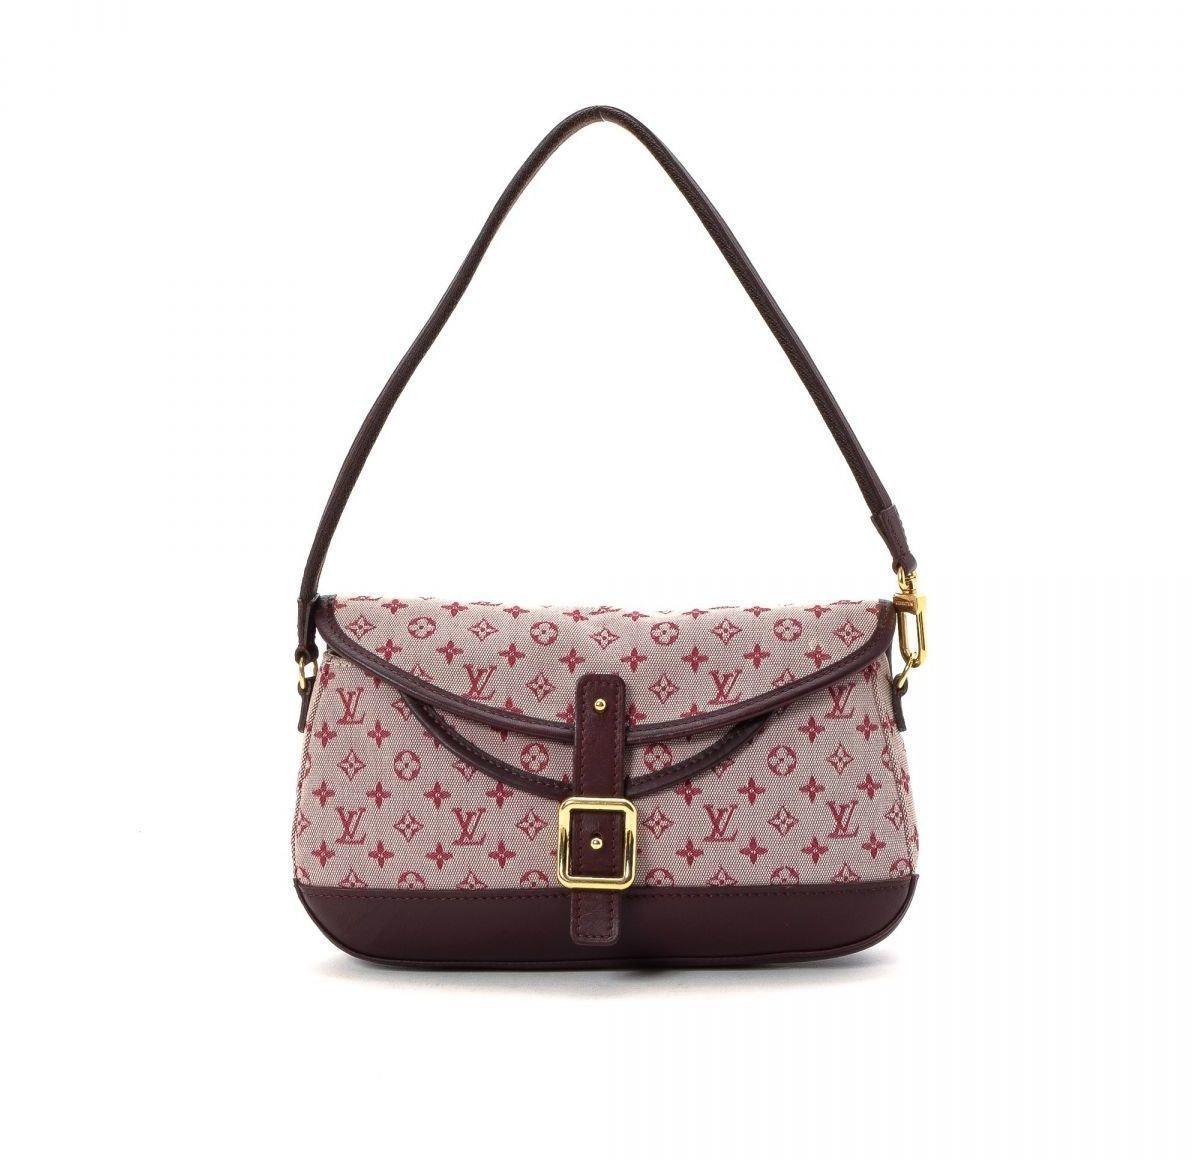 Louis Vuitton Shoulder Bag Marjorie Monogram Mini Lin